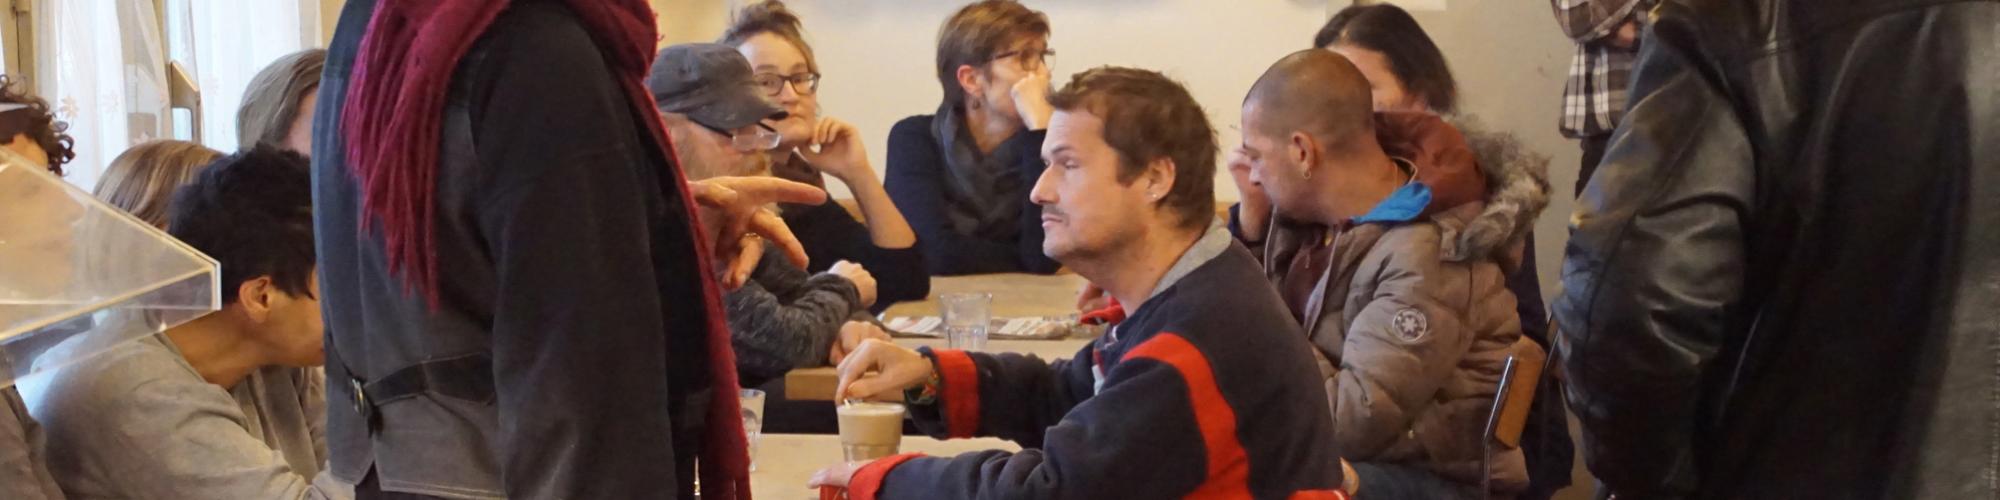 Stiftung Sozialwerke Pfarrer Ernst Sieber